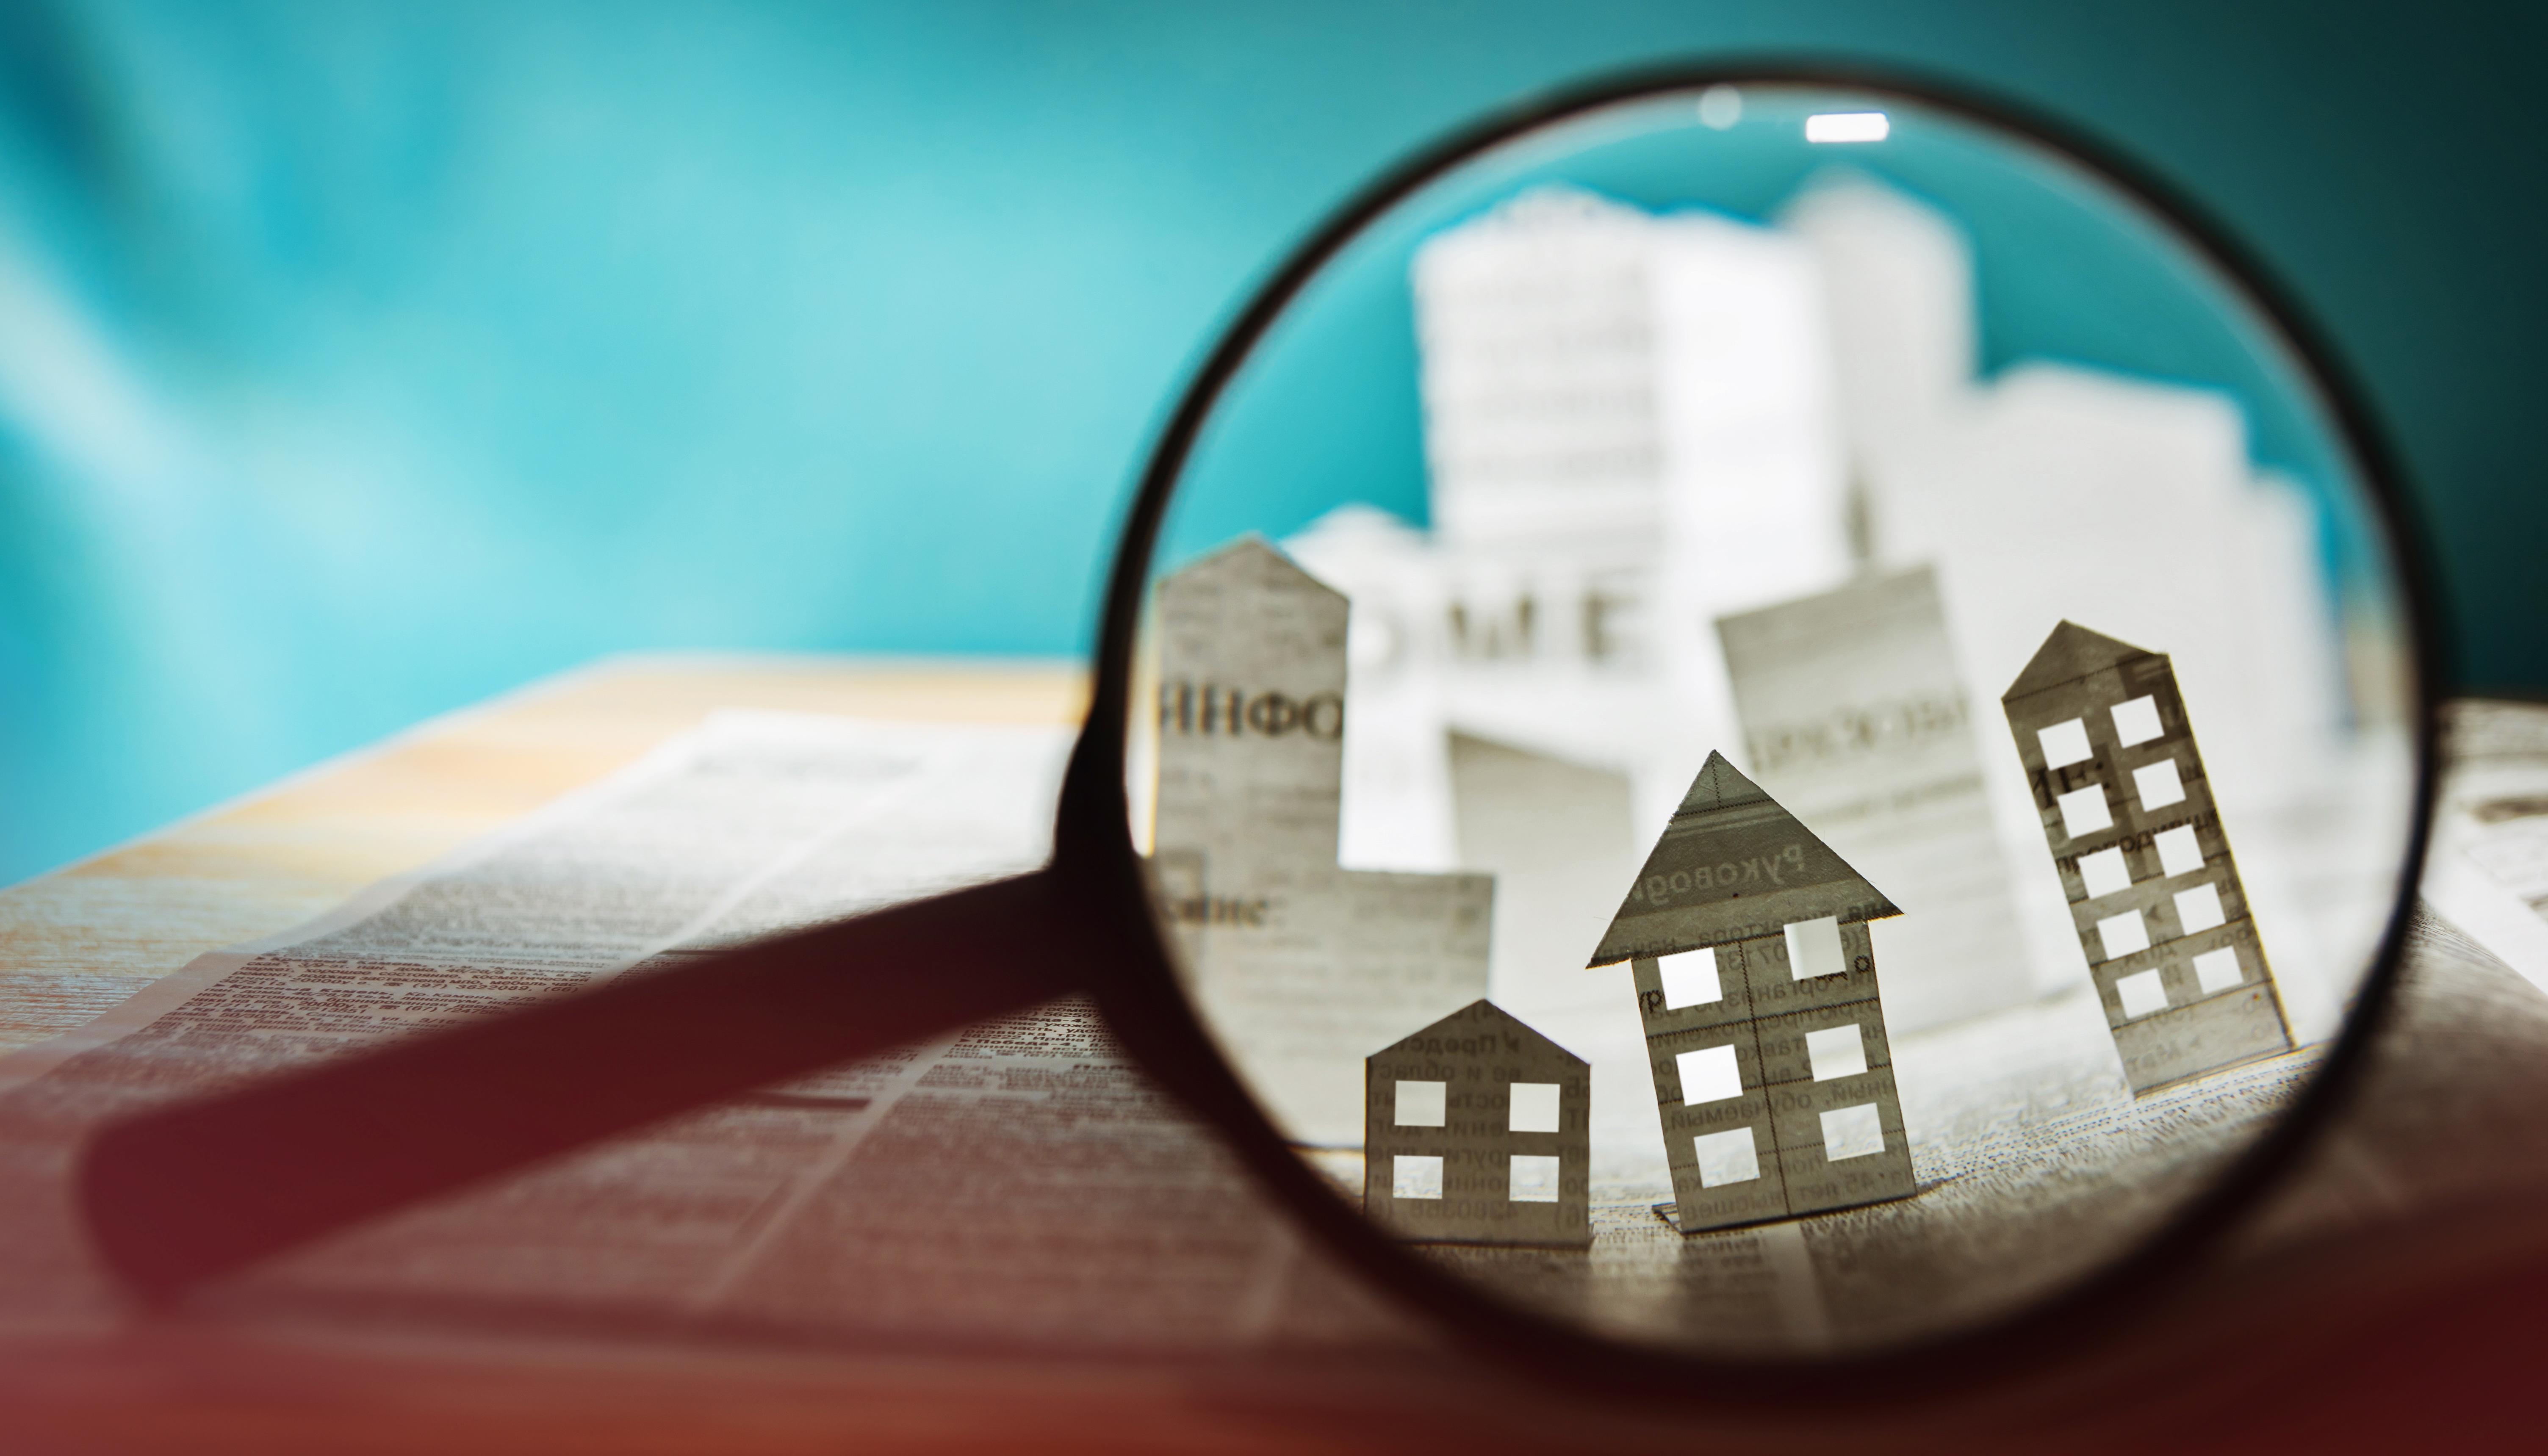 El precio de la vivienda aumenta un 9,4% anual durante el primer trimestre